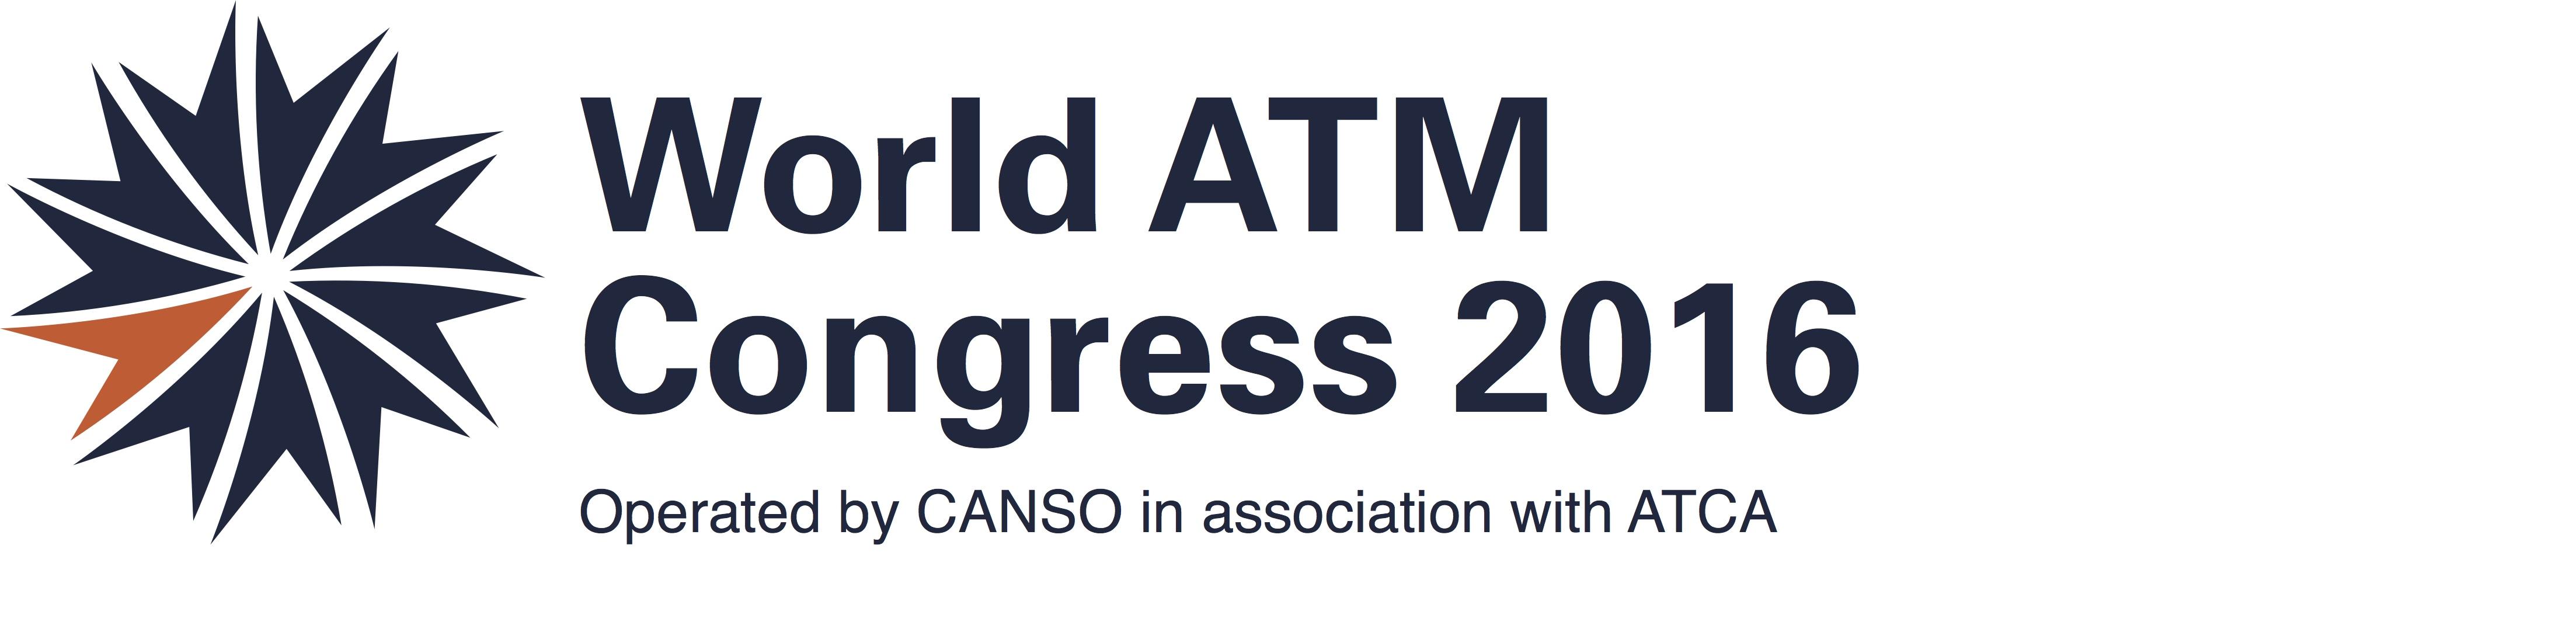 España: Madrid alberga desde hoy el Congreso Mundial de Gestión del Tráfico Aéreo (ATM)